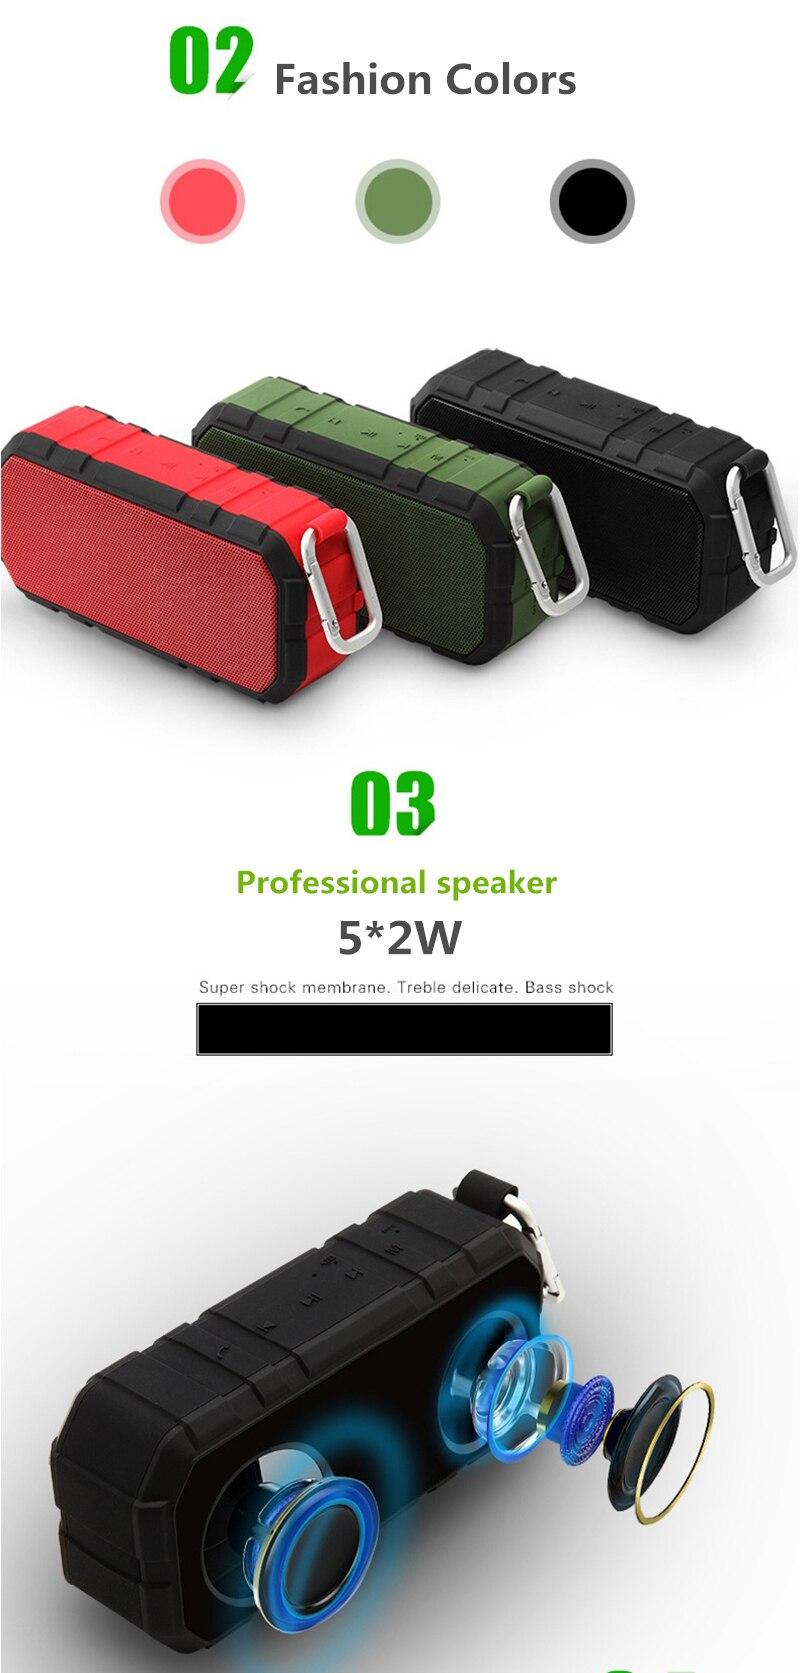 OLLLY Portable Wireless Outdoor Bluetooth Speaker IPX6 Waterproof Dual 10W Driversf , Enhanced Bass, Built in Mic,Waterproof